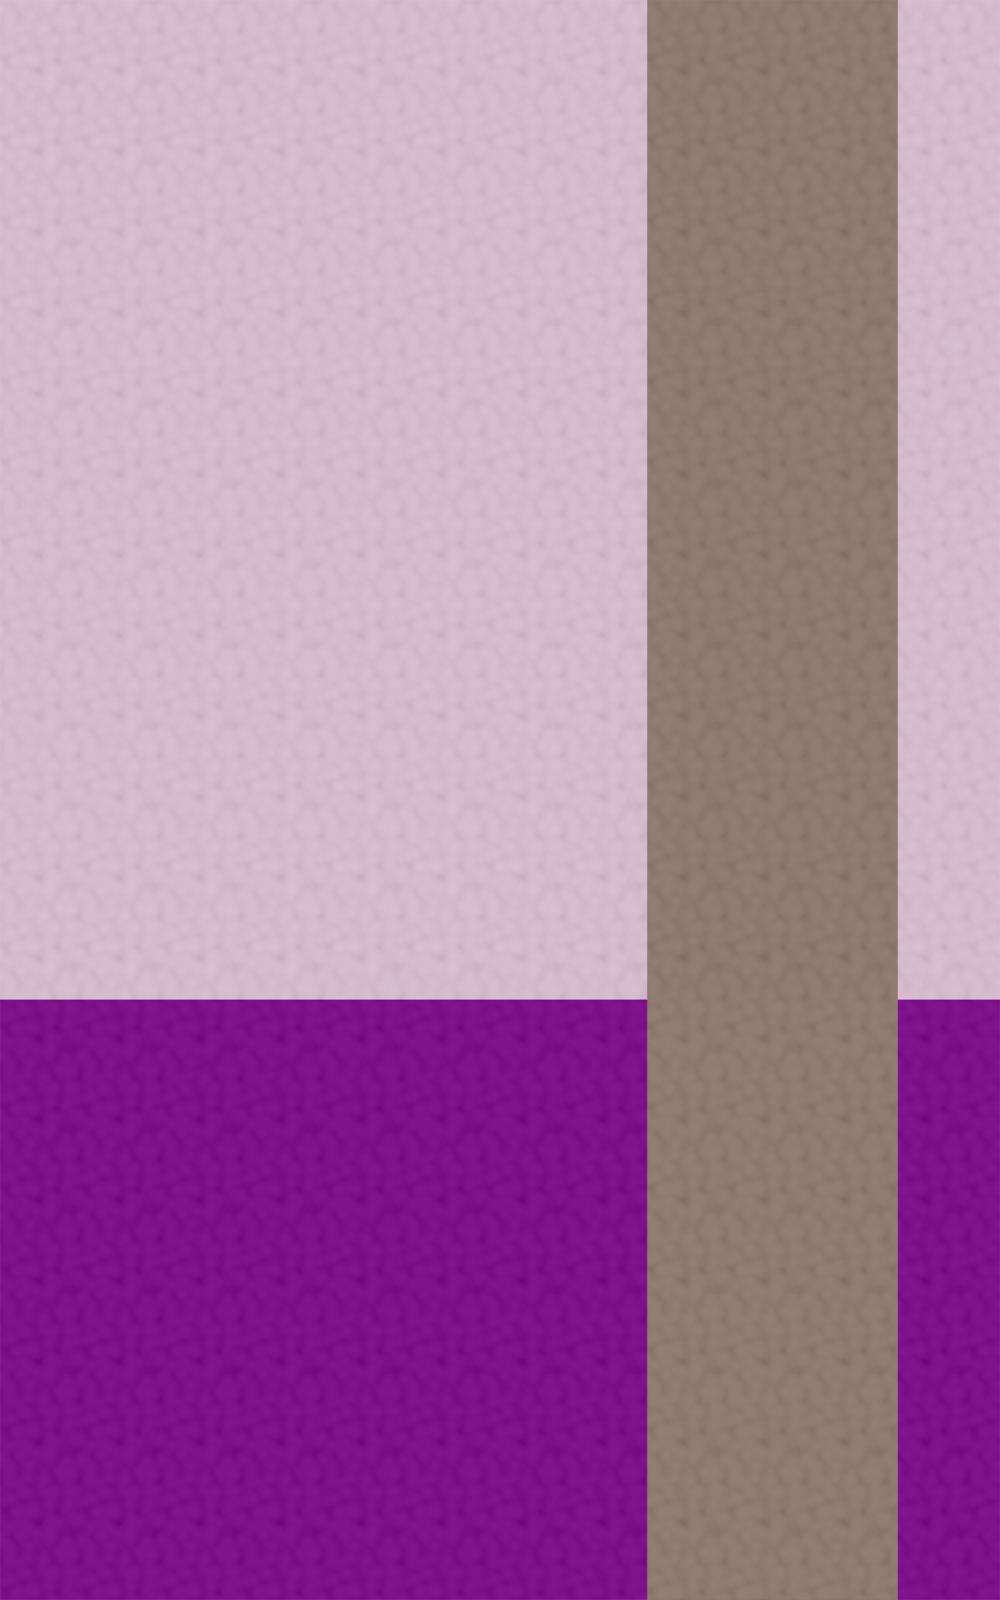 和紙風の表紙画像(2-h)